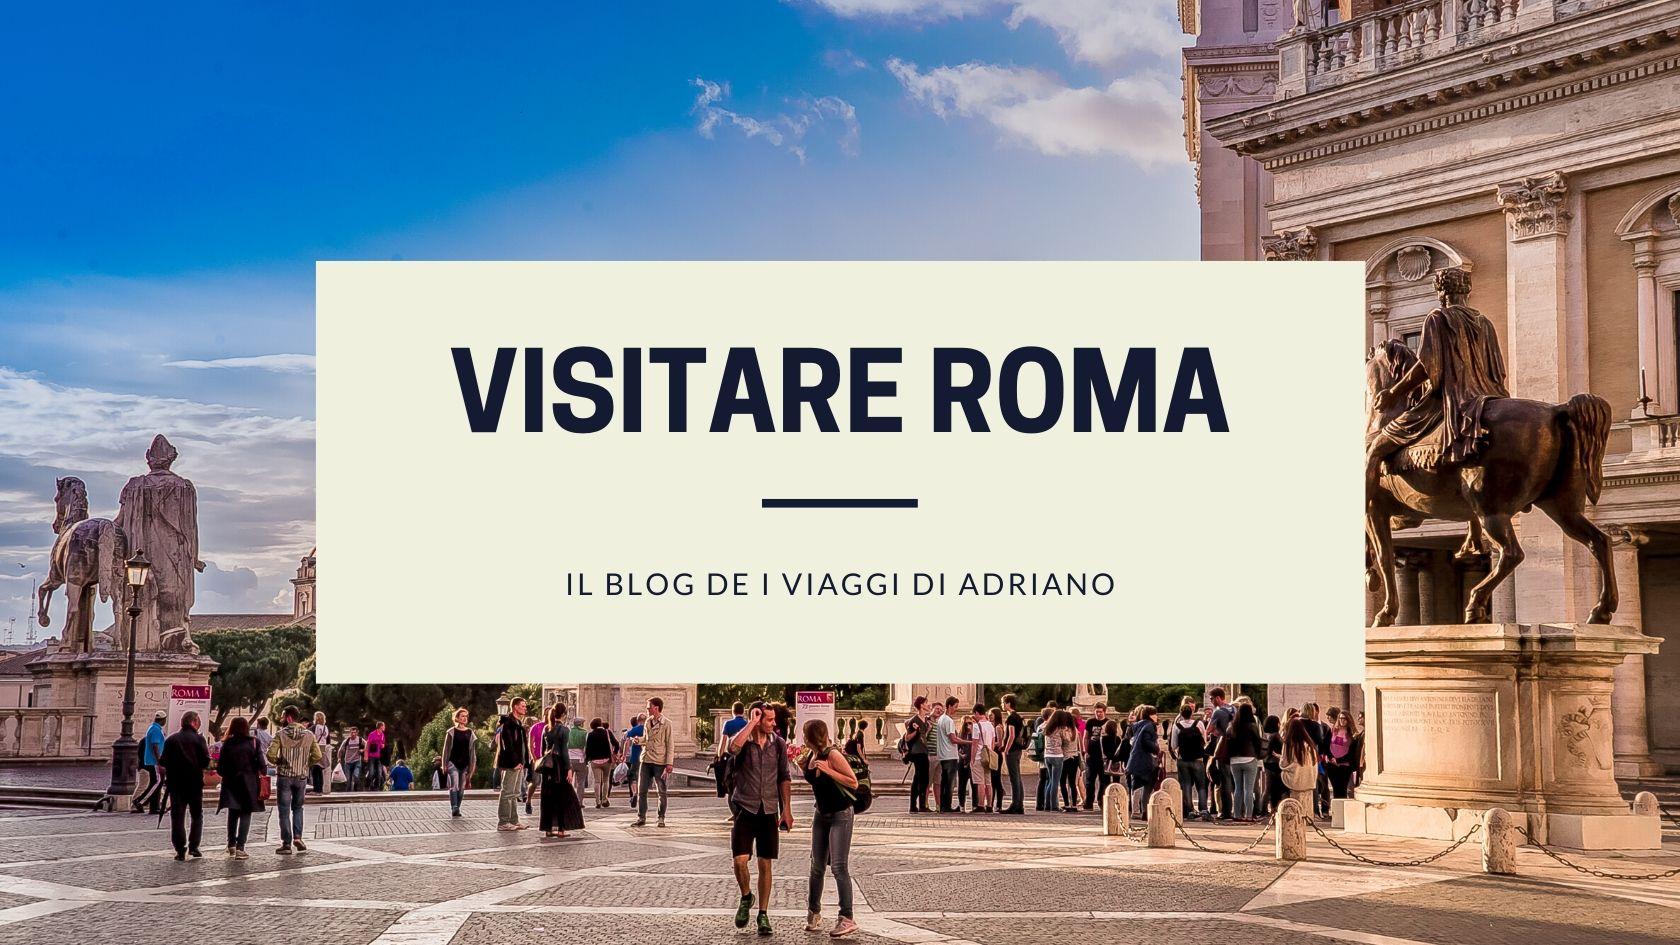 Visitare Roma - il blog de I Viaggi di Adriano